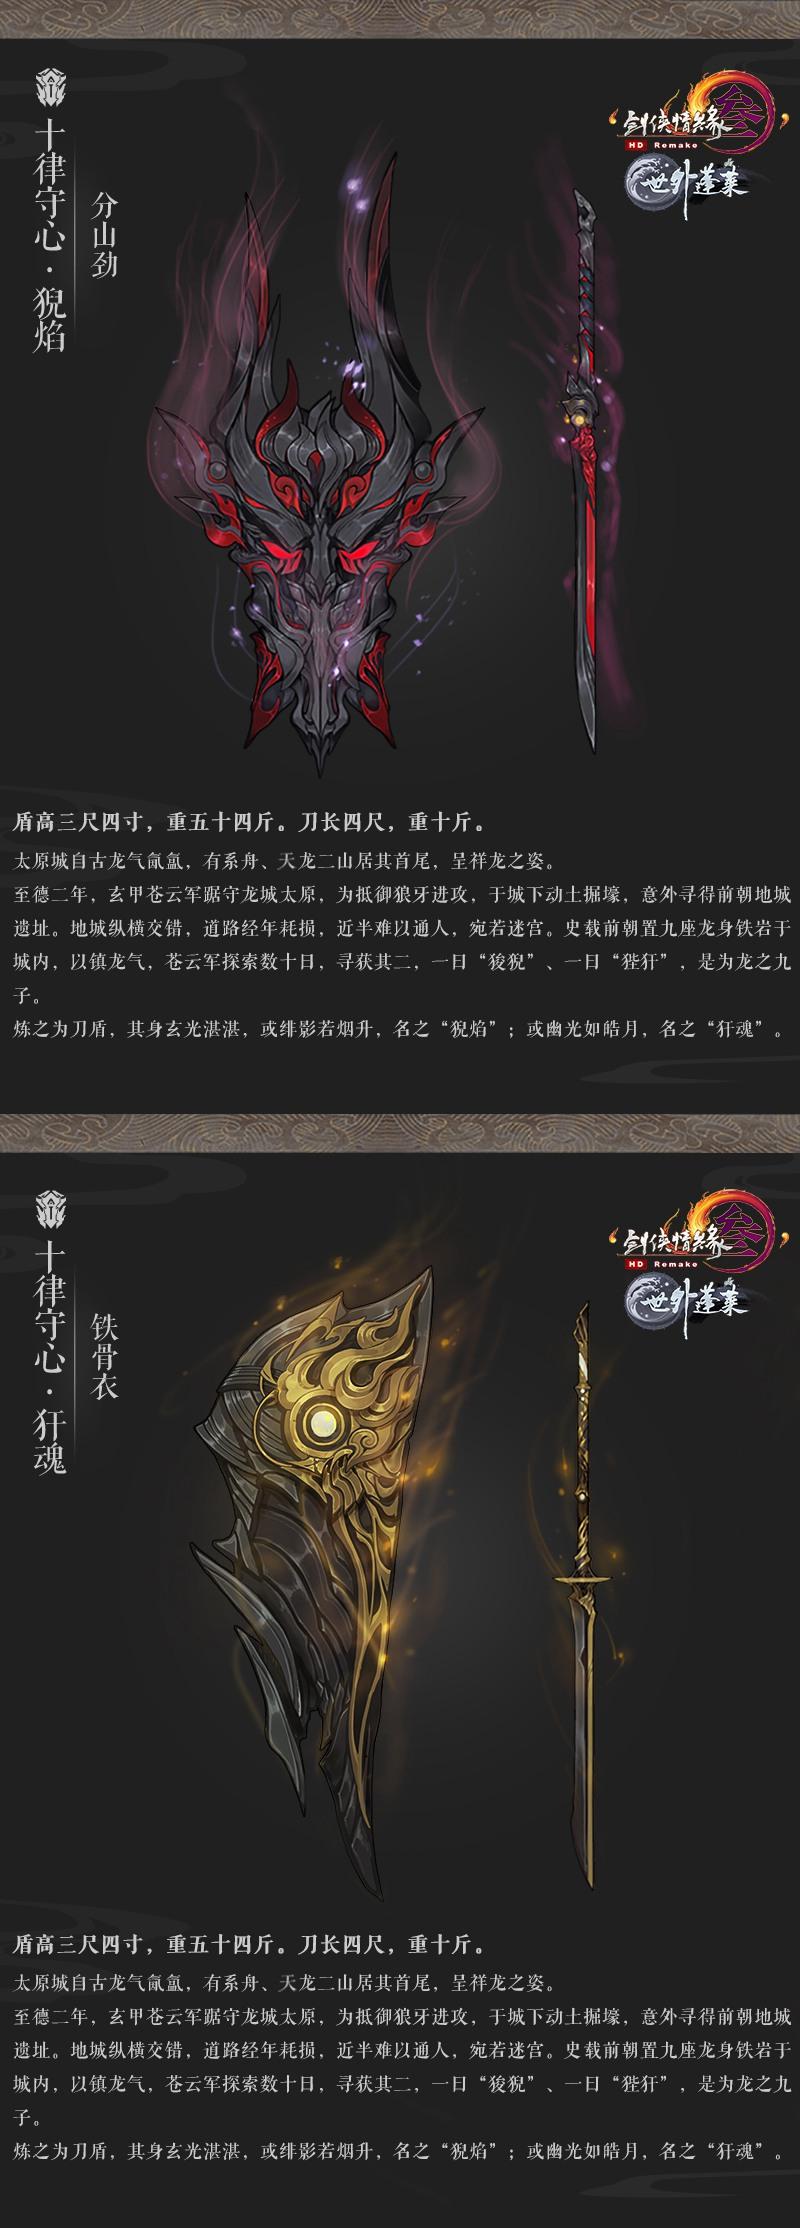 《剑网3》世外蓬莱开放预约 100级史诗橙武首曝